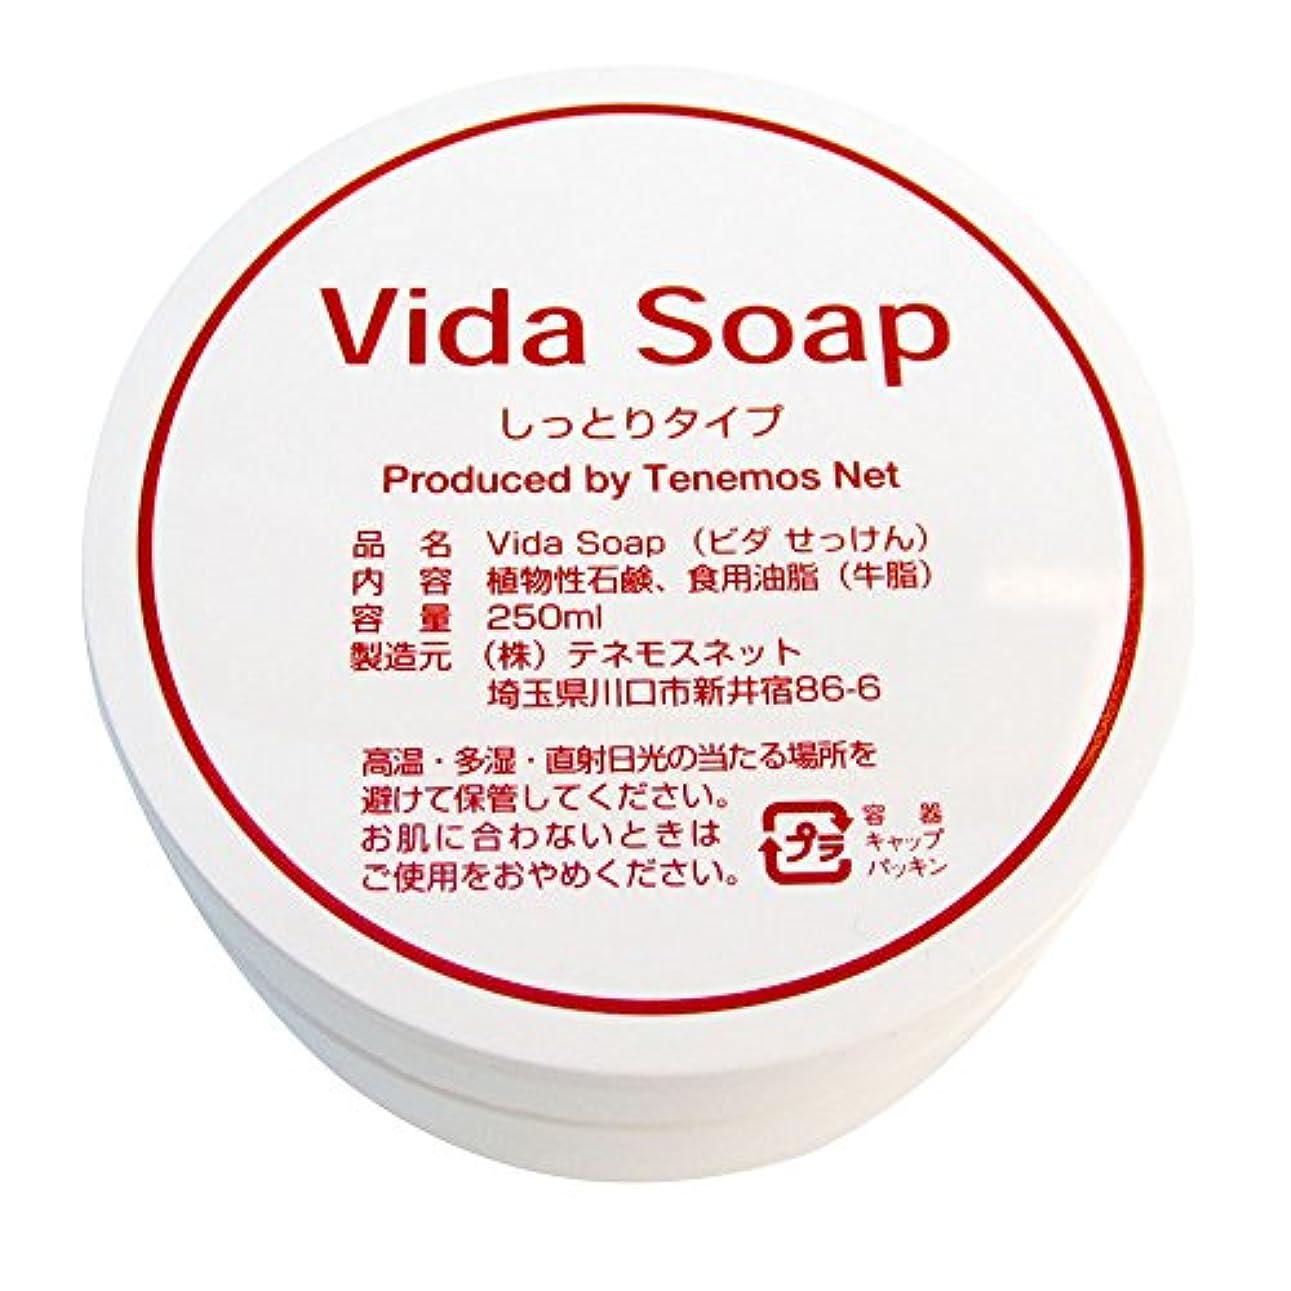 はさみ青写真ニュージーランドテネモス ビダせっけん Vida Soap しっとりノーマル 動物性 250ml